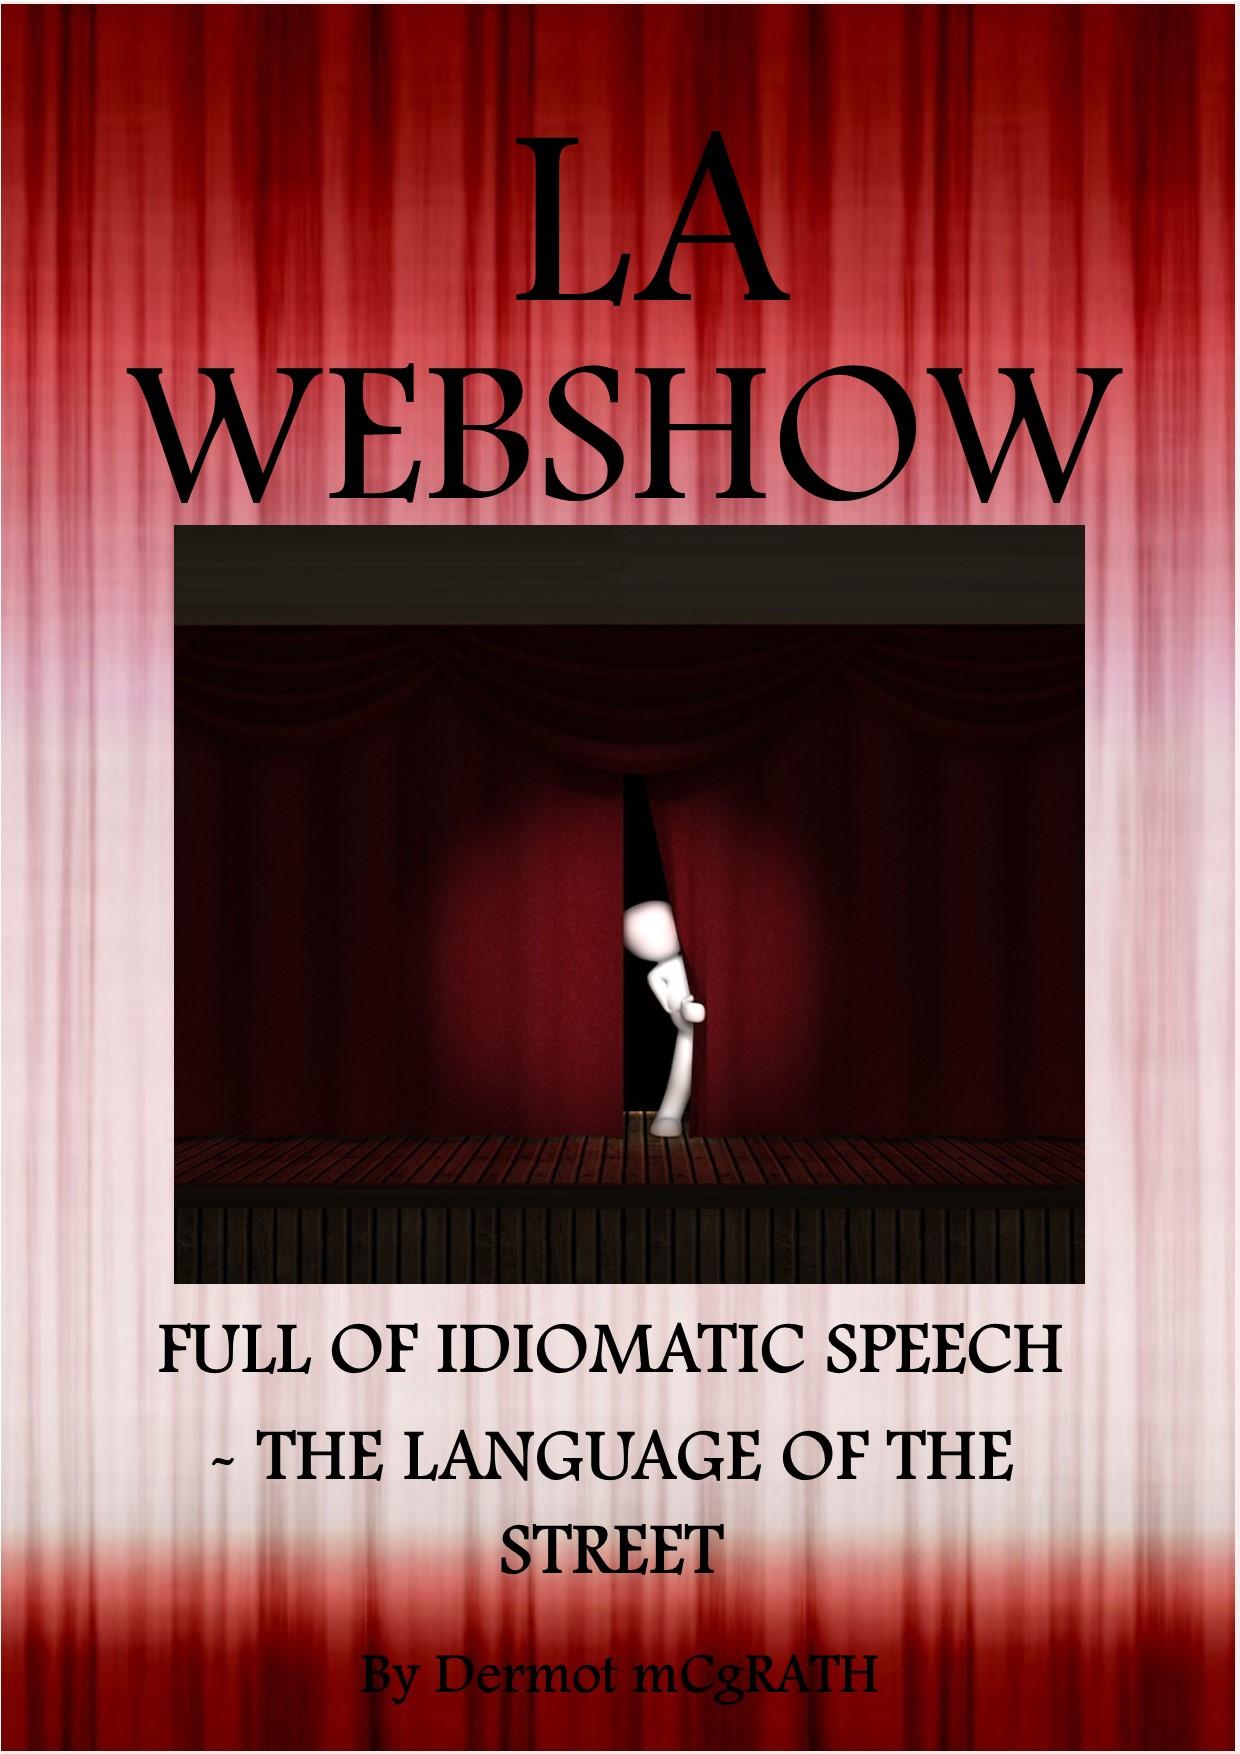 La webshow